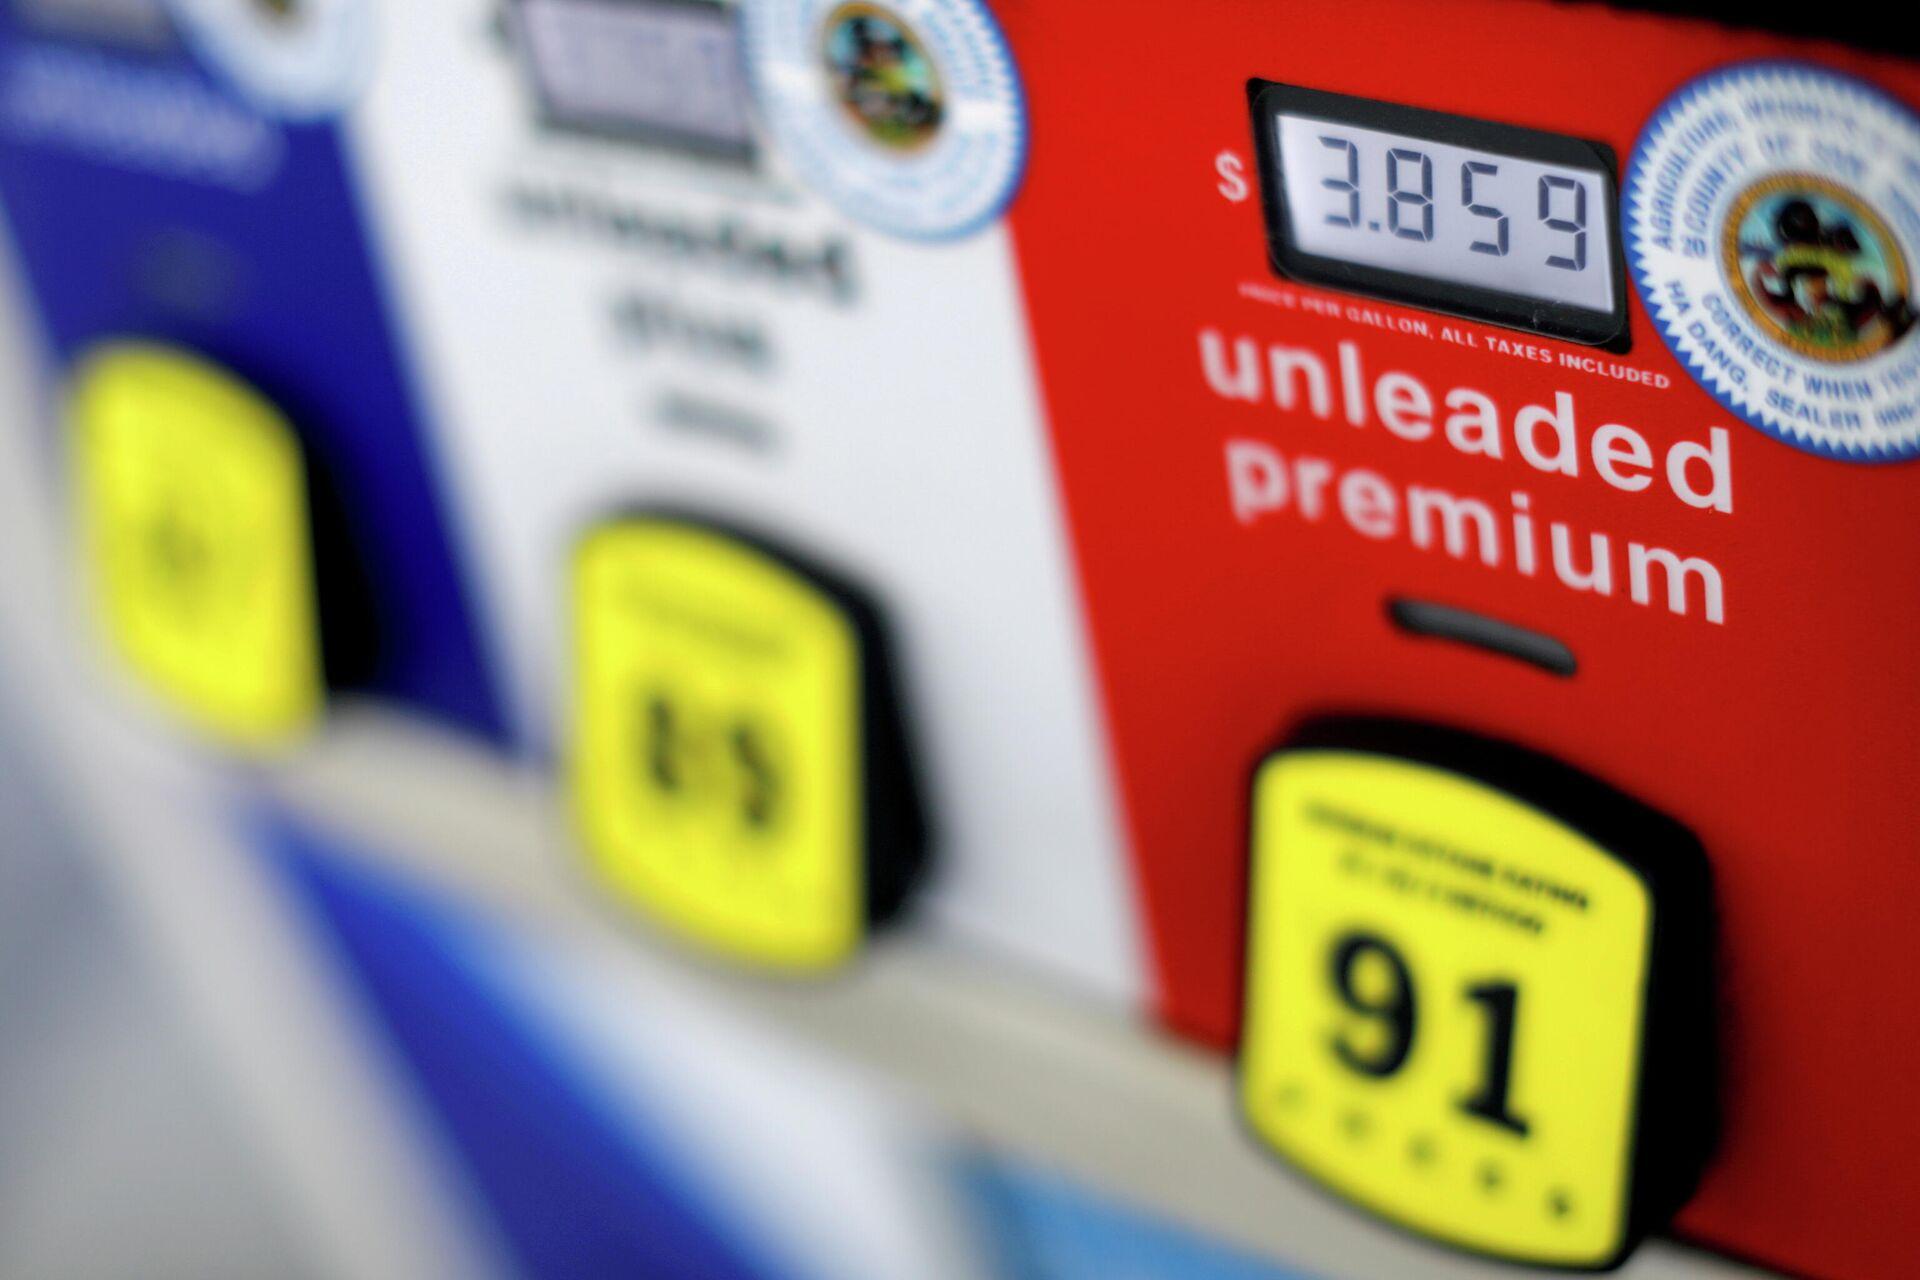 Цена на бензин на автозаправке в Сан-Диего, США - РИА Новости, 1920, 11.05.2021